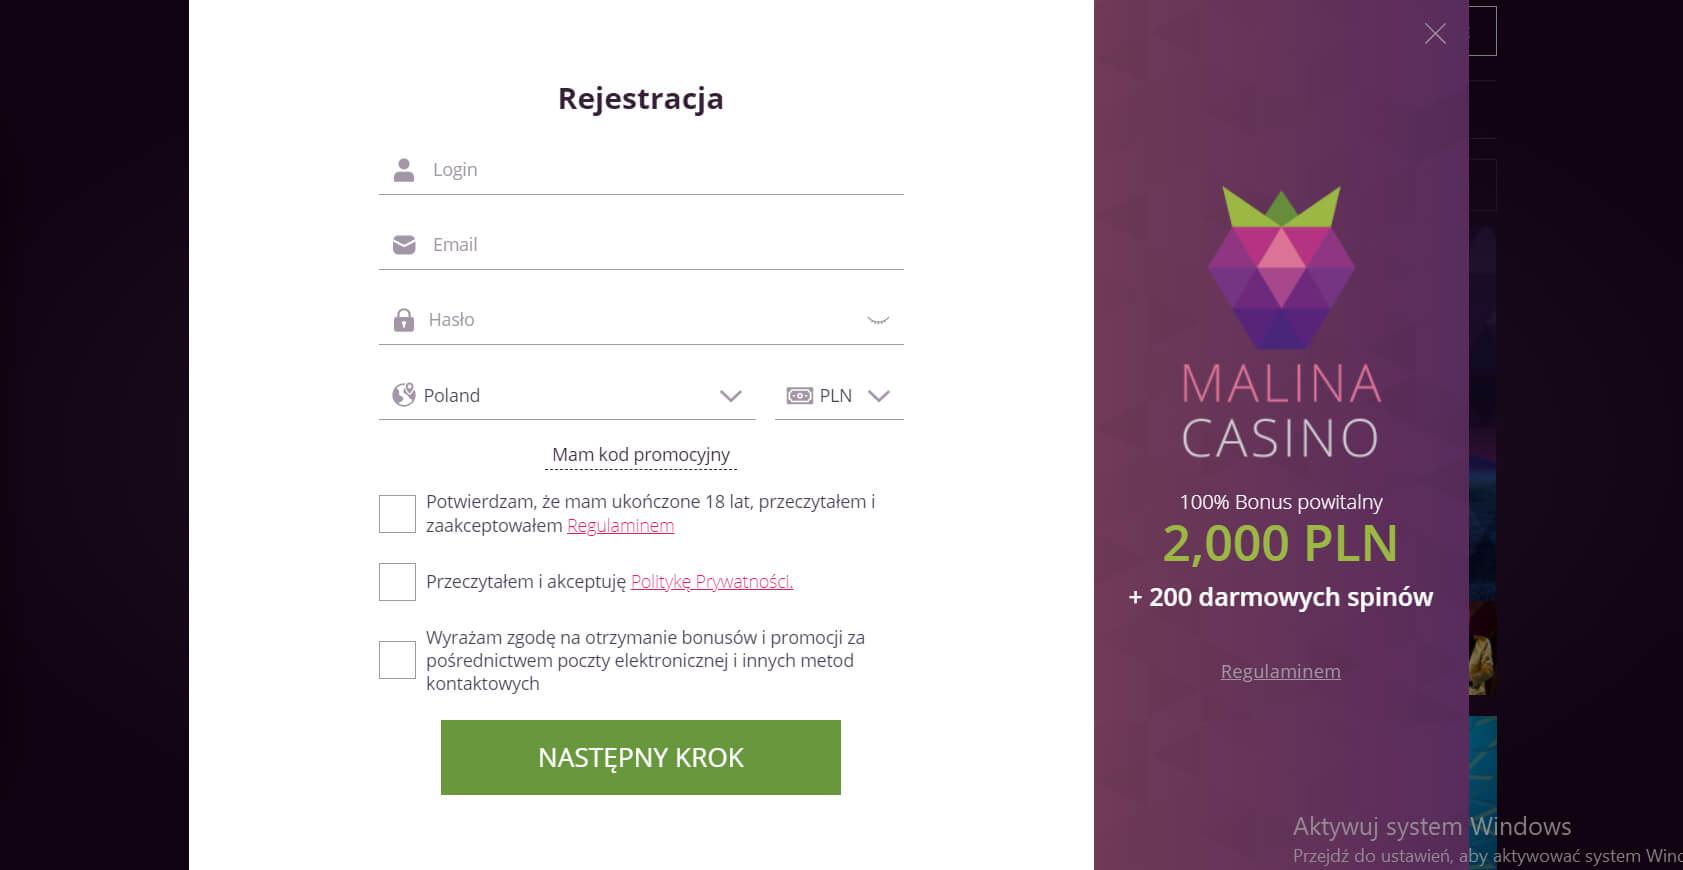 malina kasyno logowanie i rejestracja screenshot